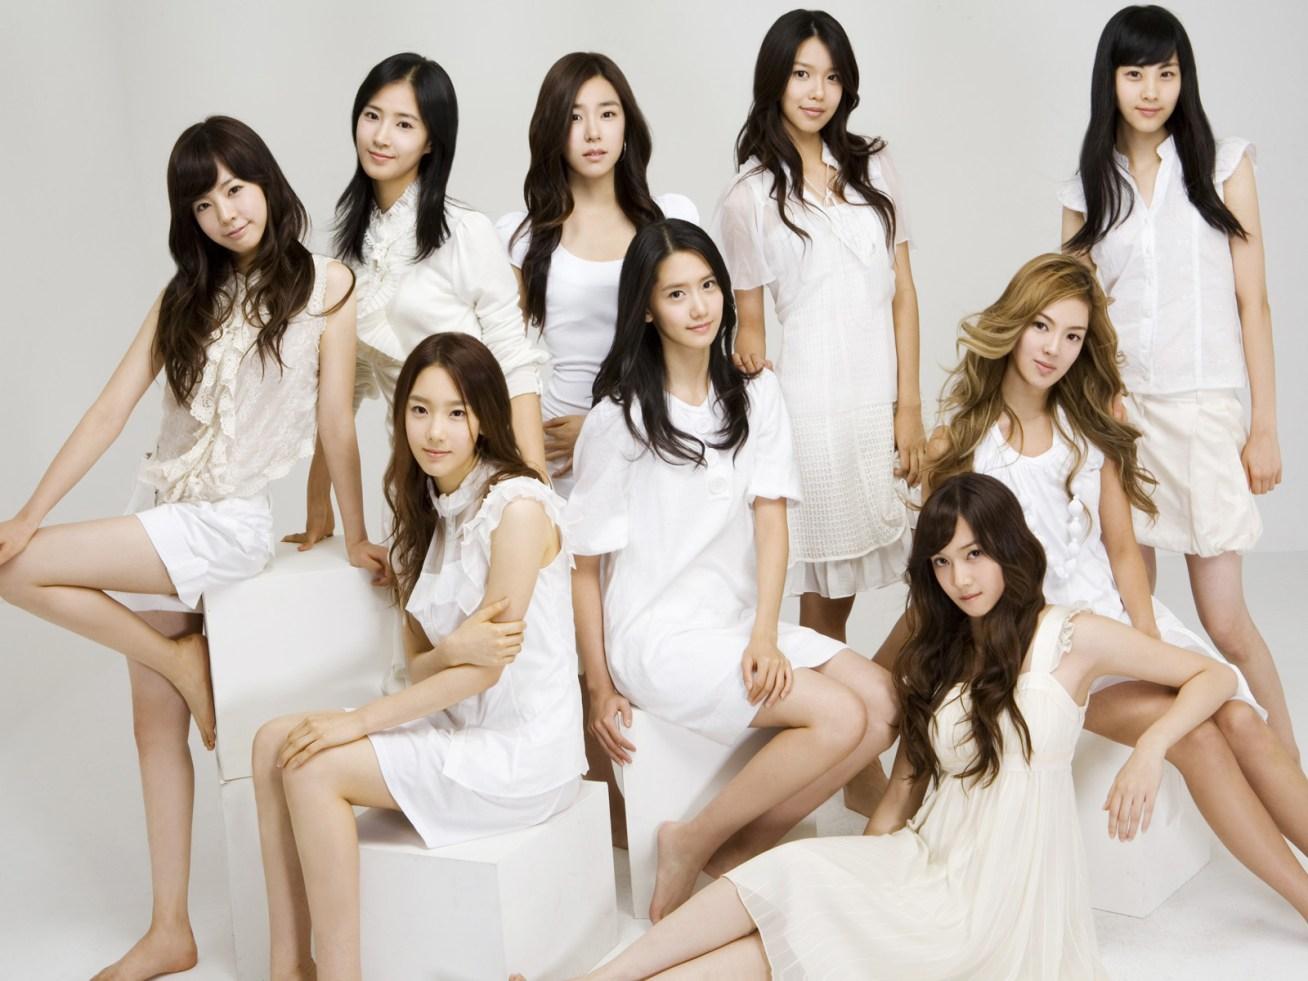 少女時代のメンバーと名曲を紹介します Hachibachi